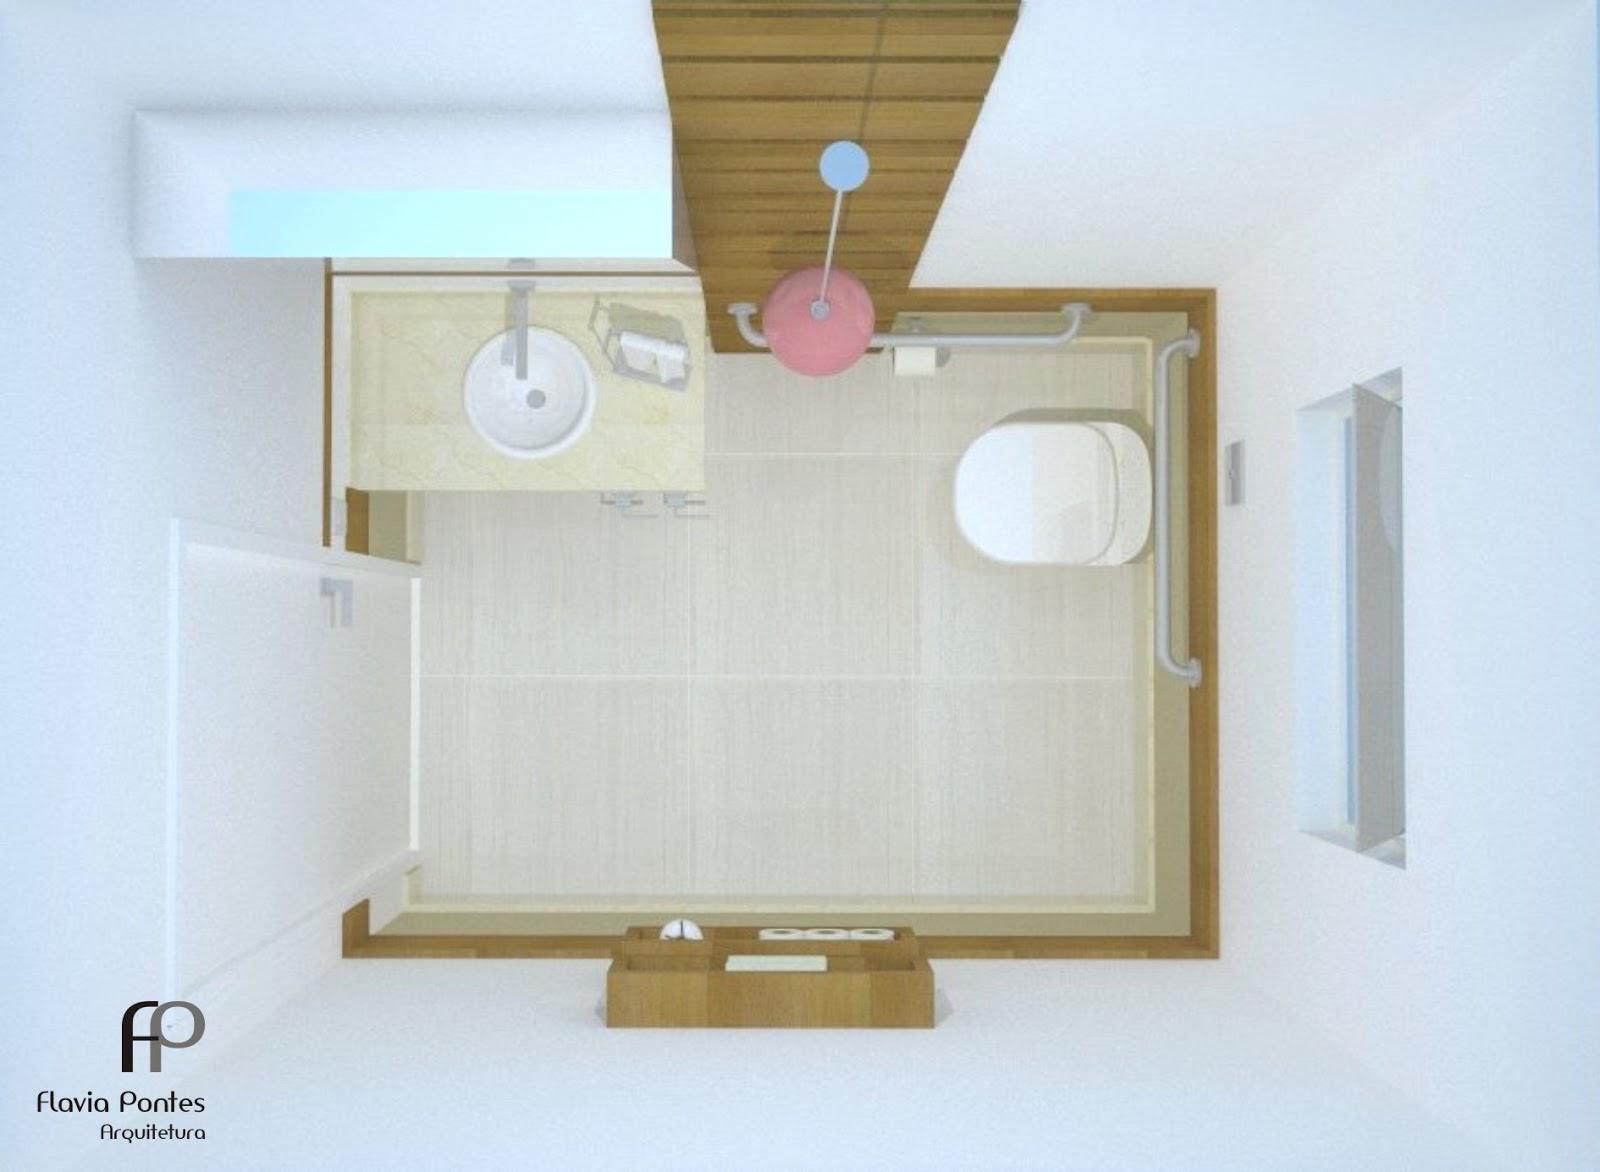 Flavia Pontes Arquitetura: Abril 2013 #887144 1600x1172 Banheiro Cadeirante Dimensões